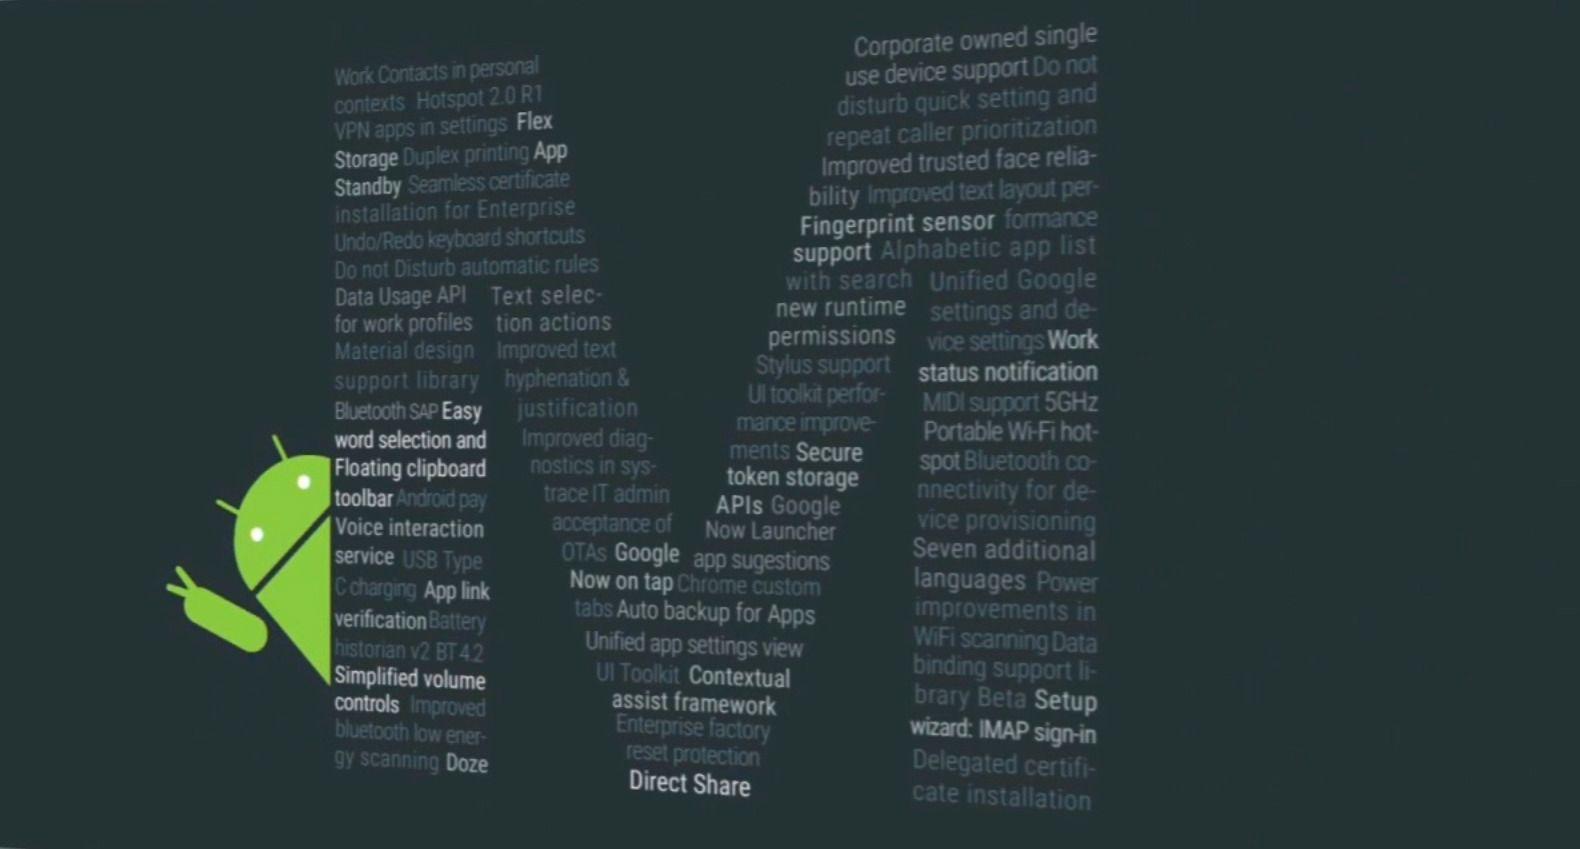 Nye funksjoner i Android M, i en listevisning som ser ut som en M. Hva synes du høres mest spennende ut? Foto: Skjermdump, Youtube/Google